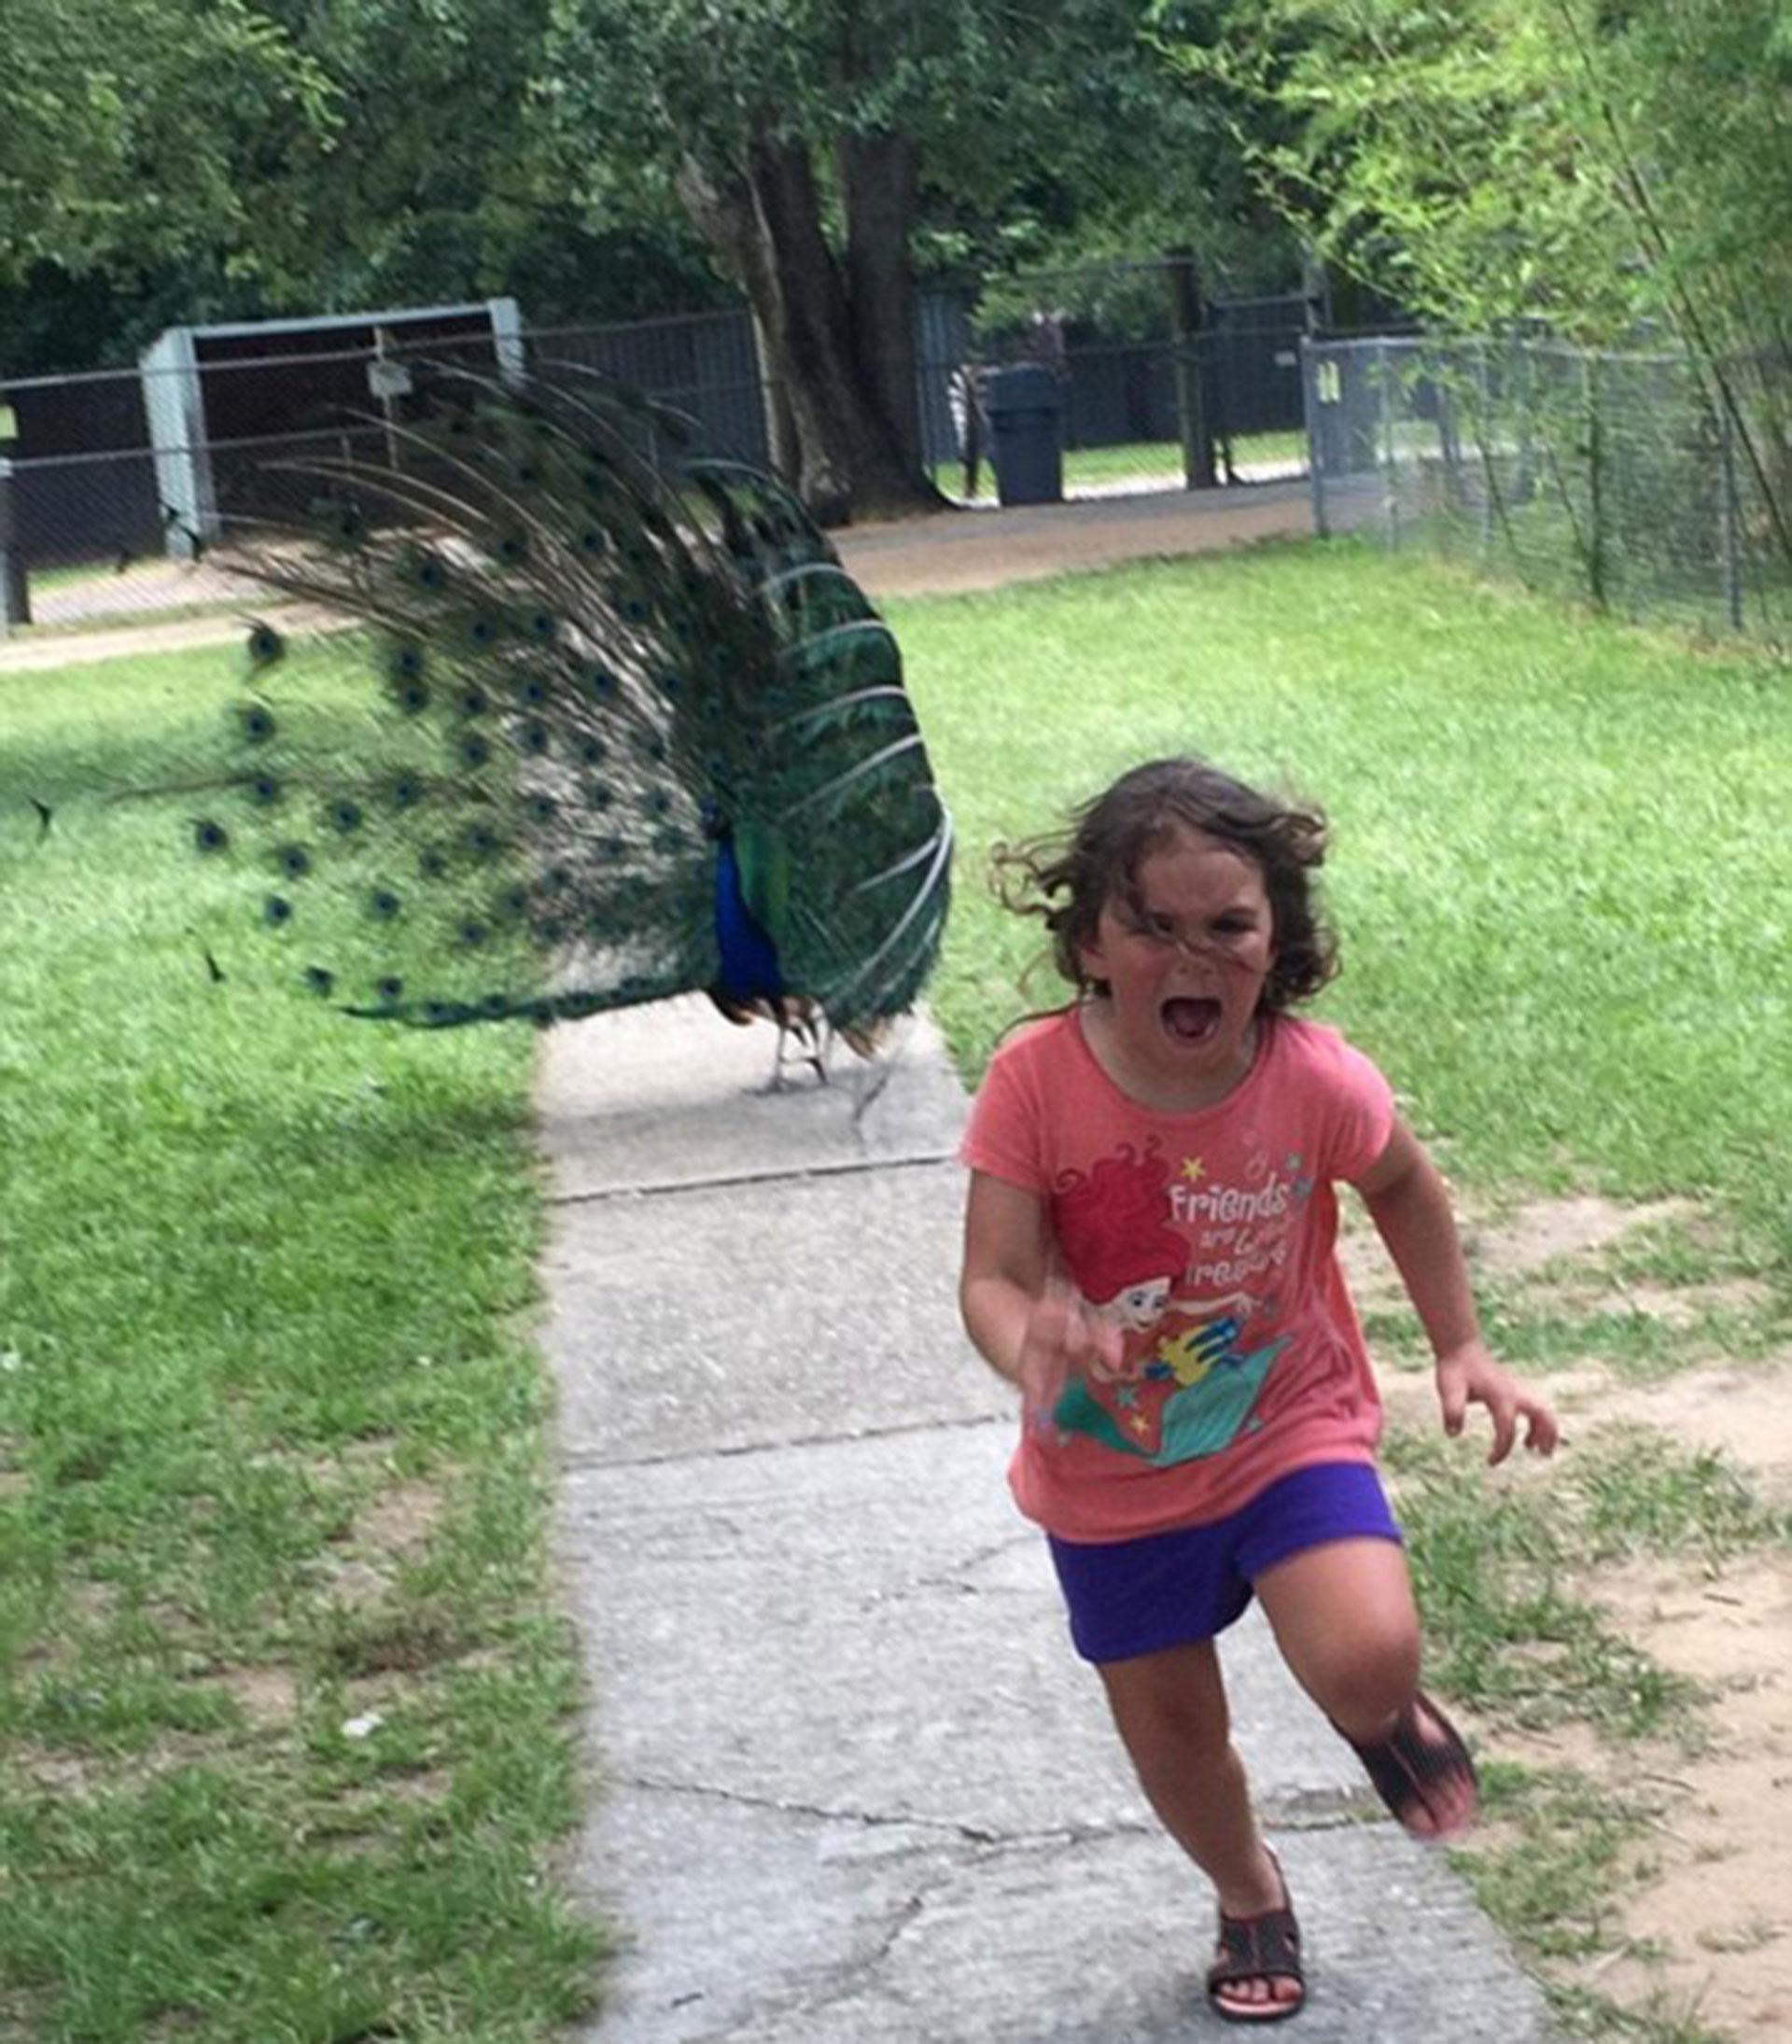 La pequeña corre asustada ante la presencia de un pavo real. La imagen se viralizó y se convirtió en meme